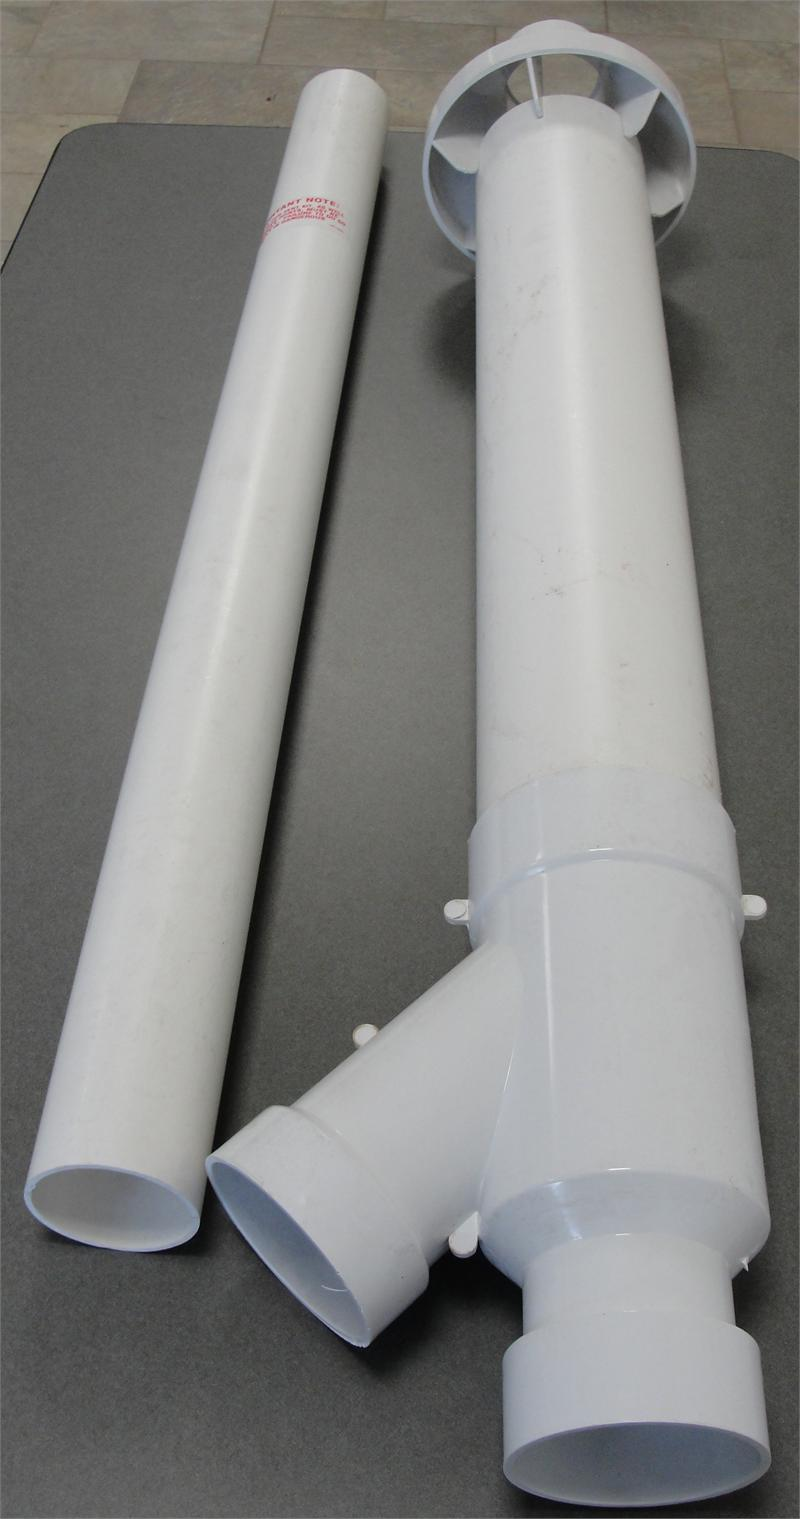 Rheem Sp12161 Advantageplus Concentric Termination Vent Kit 3 Quot